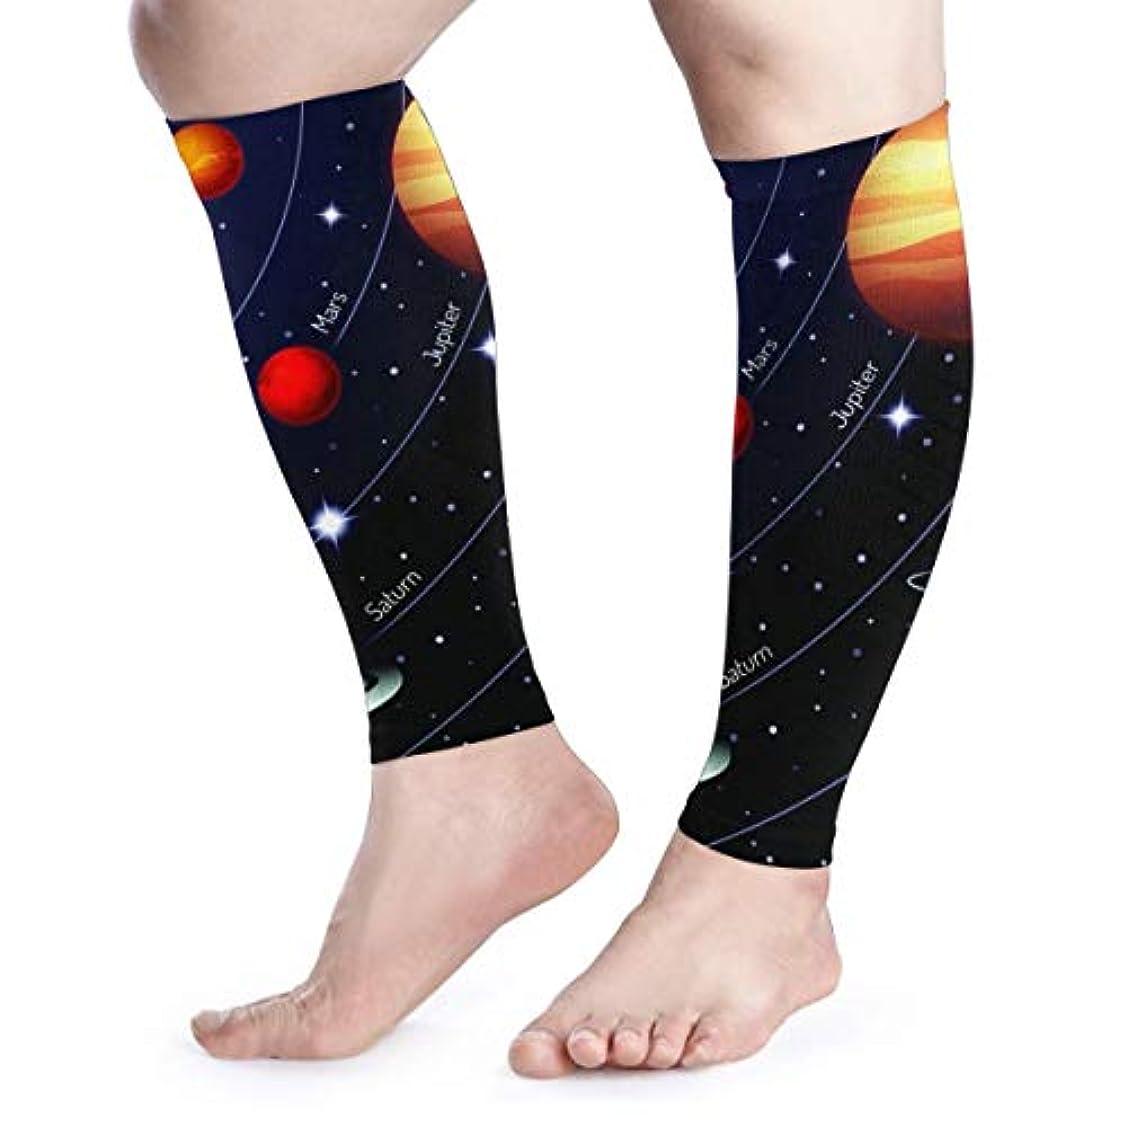 SUNJAN ふくらはぎサポーター宇宙 太陽系 薄手 通気 吸汗速乾 着圧 むくみ防止 高弾力 UV対策 スポーツ用 男女兼用